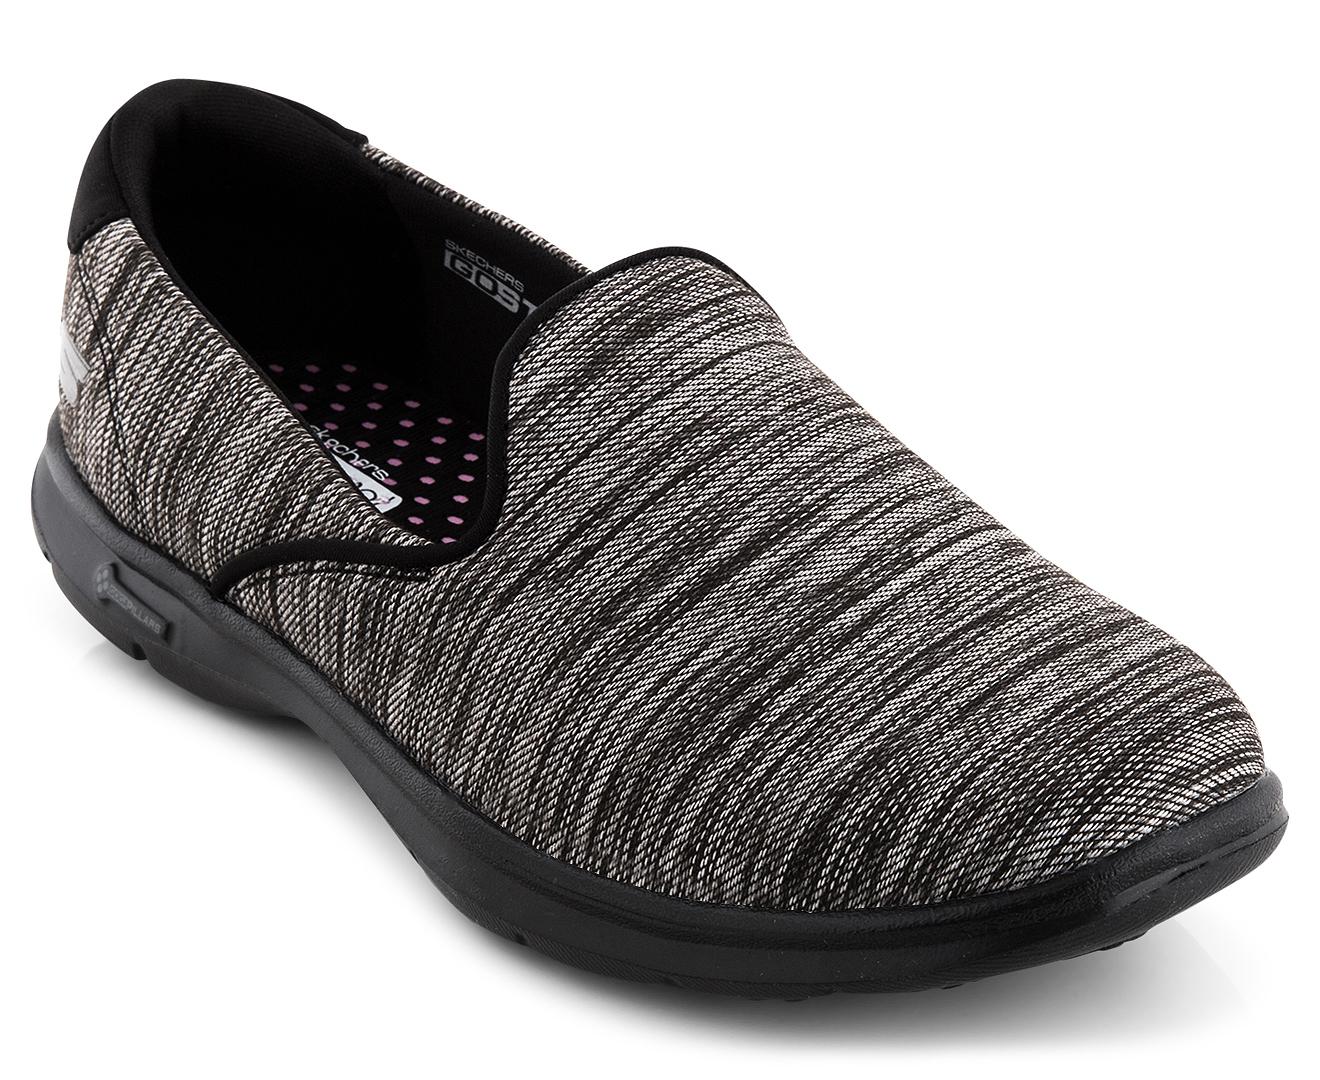 Skechers Women S Gostep Limitless Shoe Black Scoopon